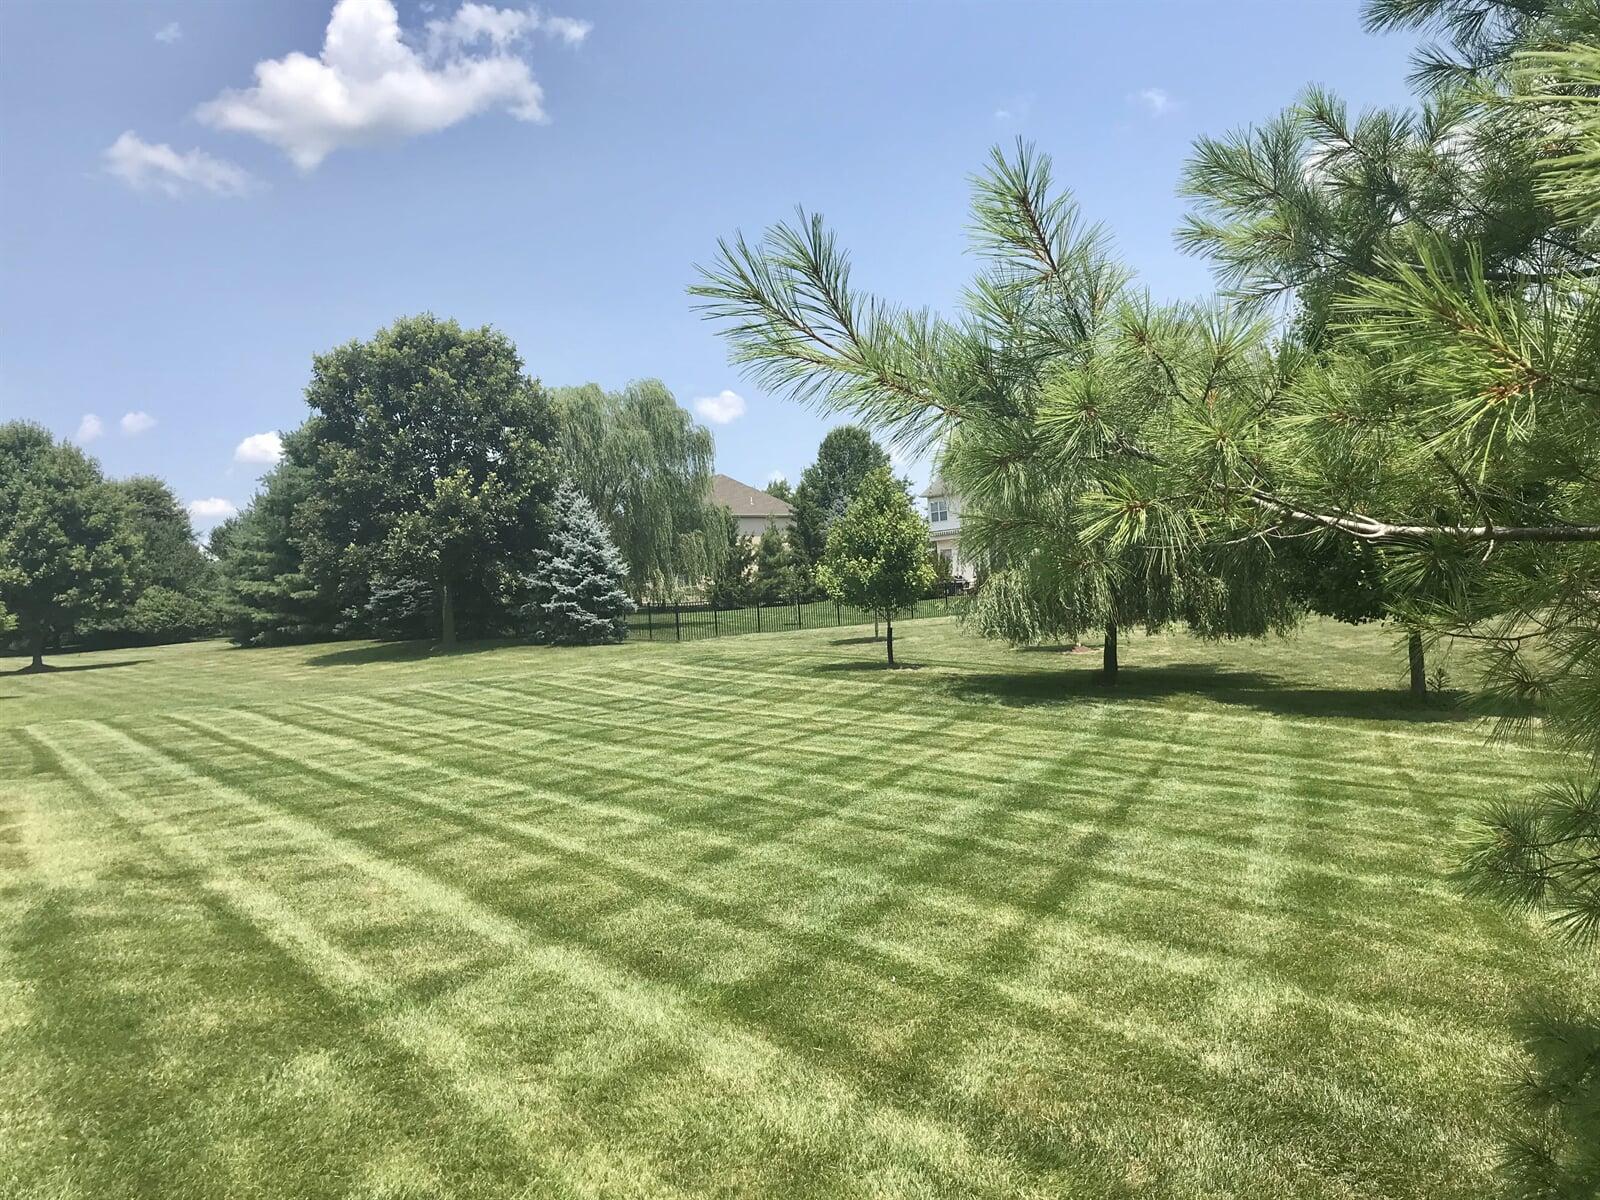 Criss Cross pattern in lawn